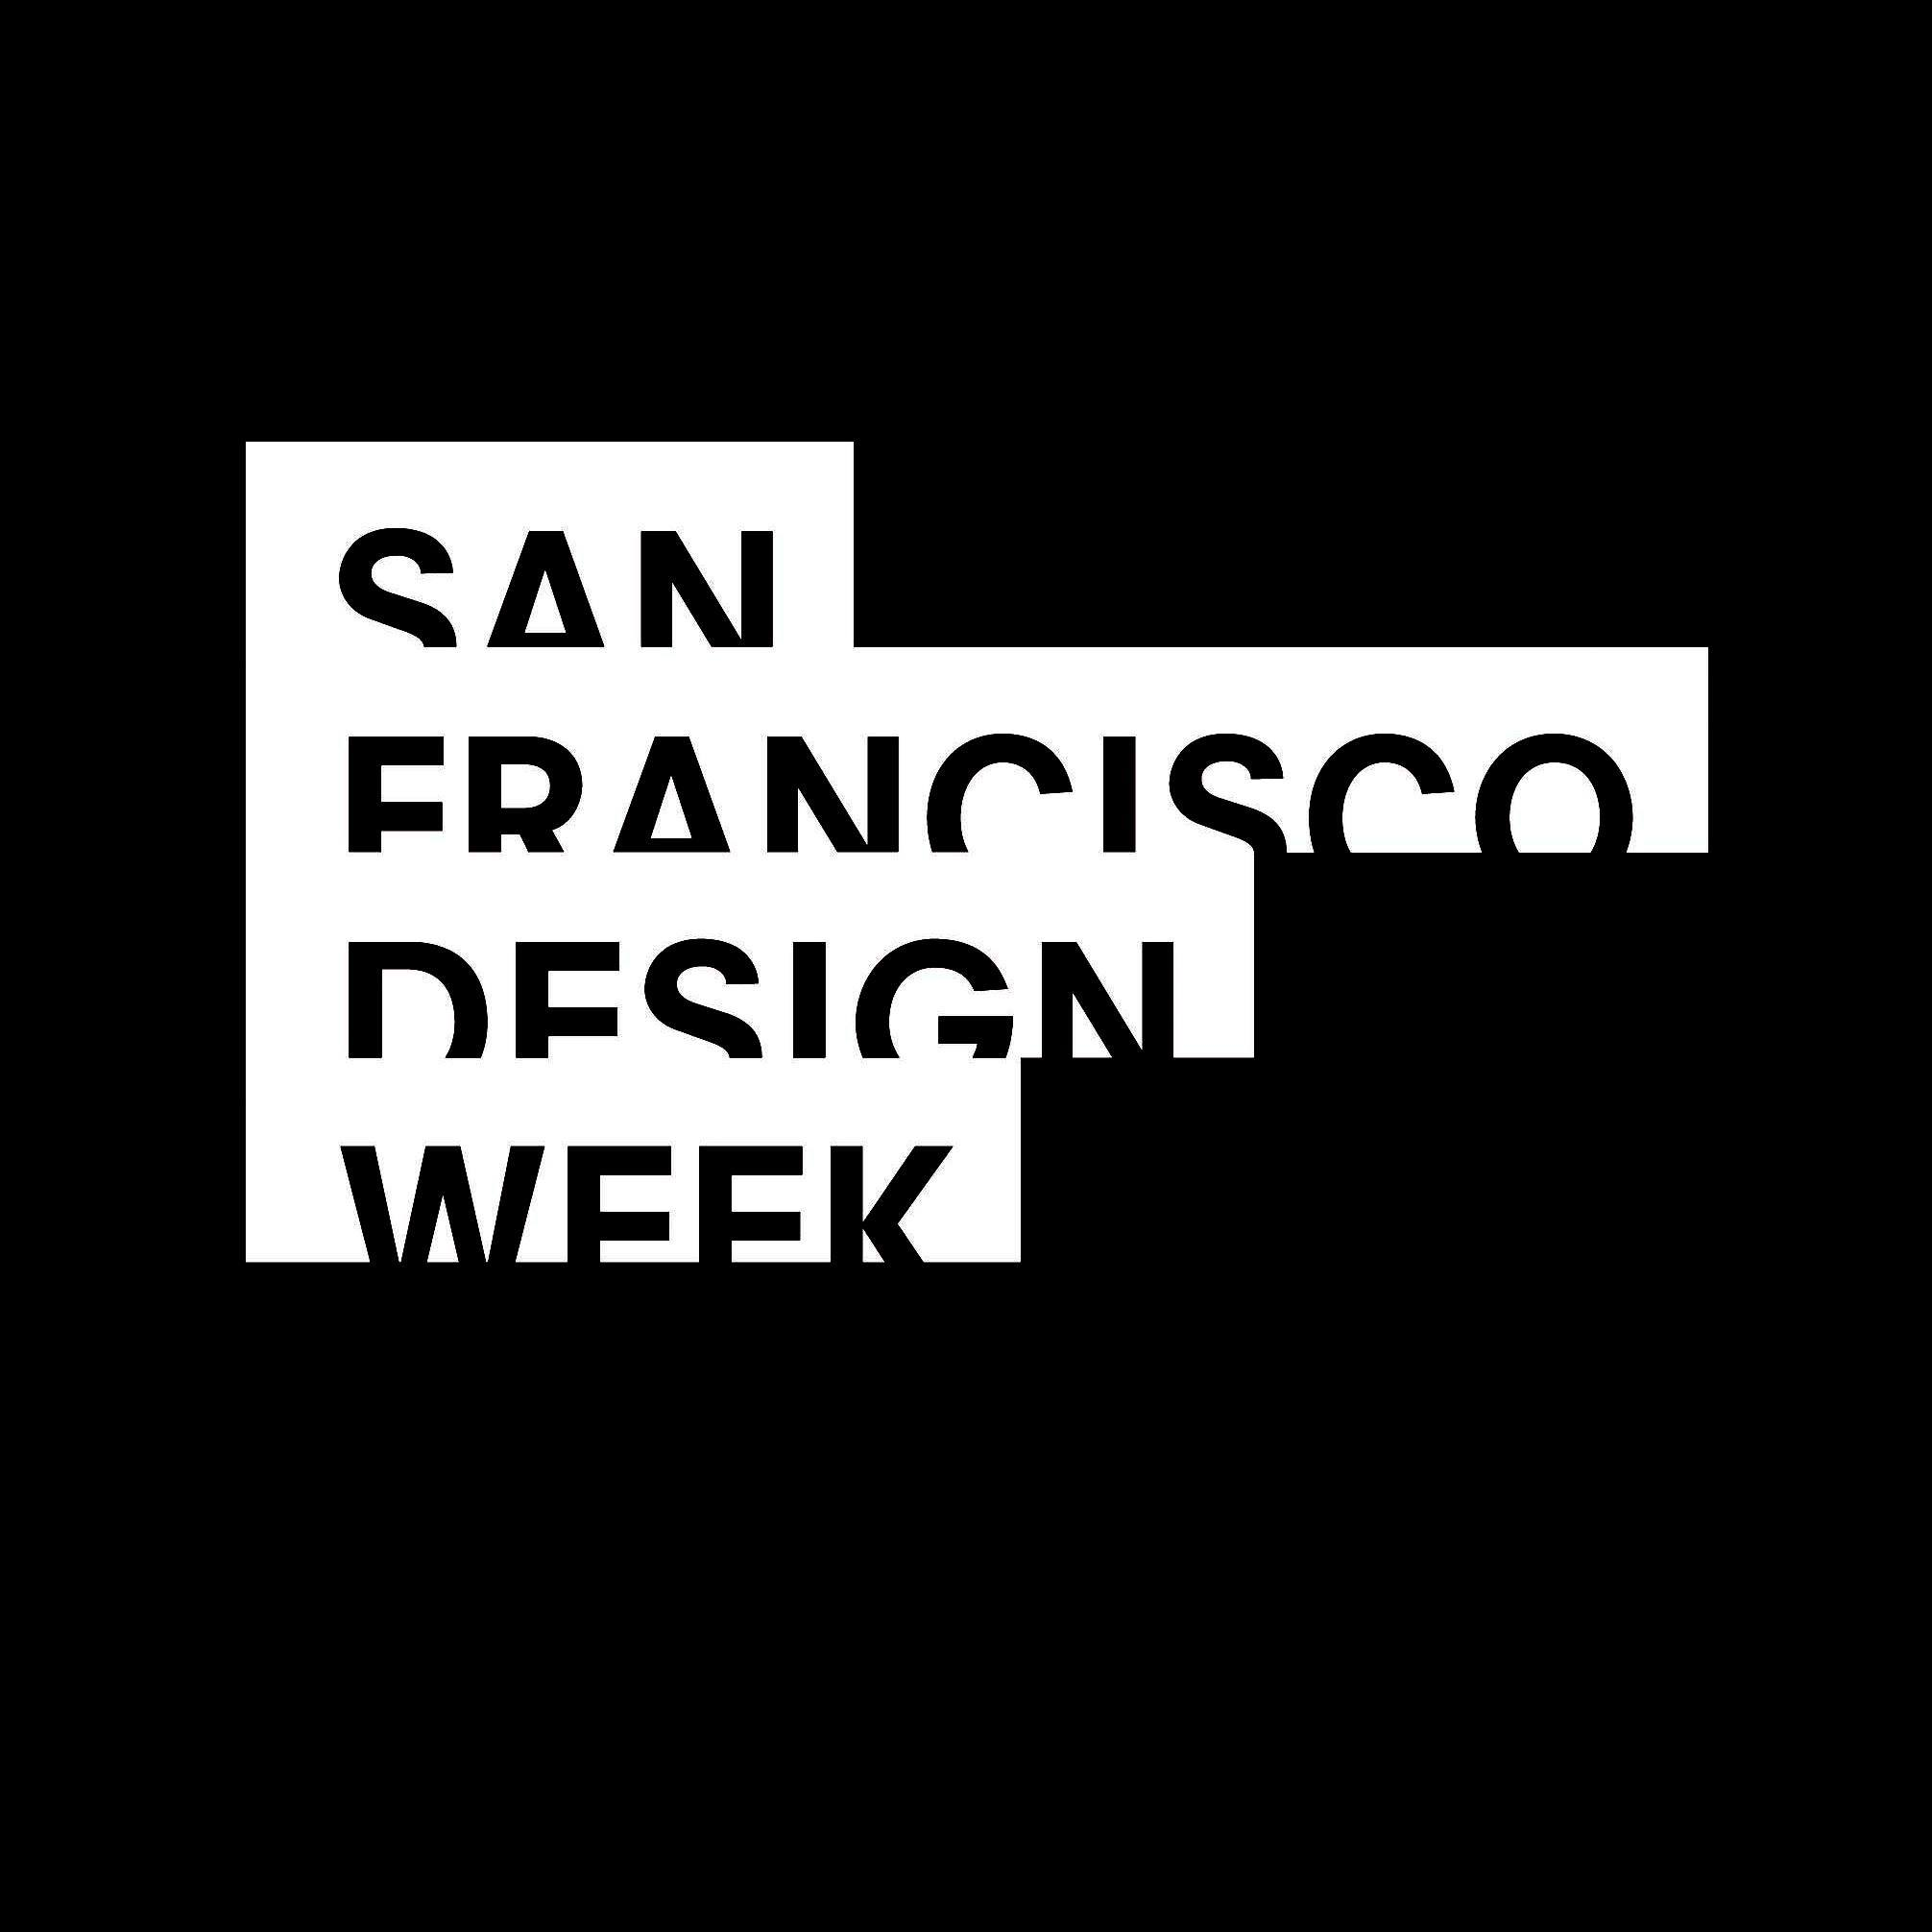 San Francisco Design Week logo